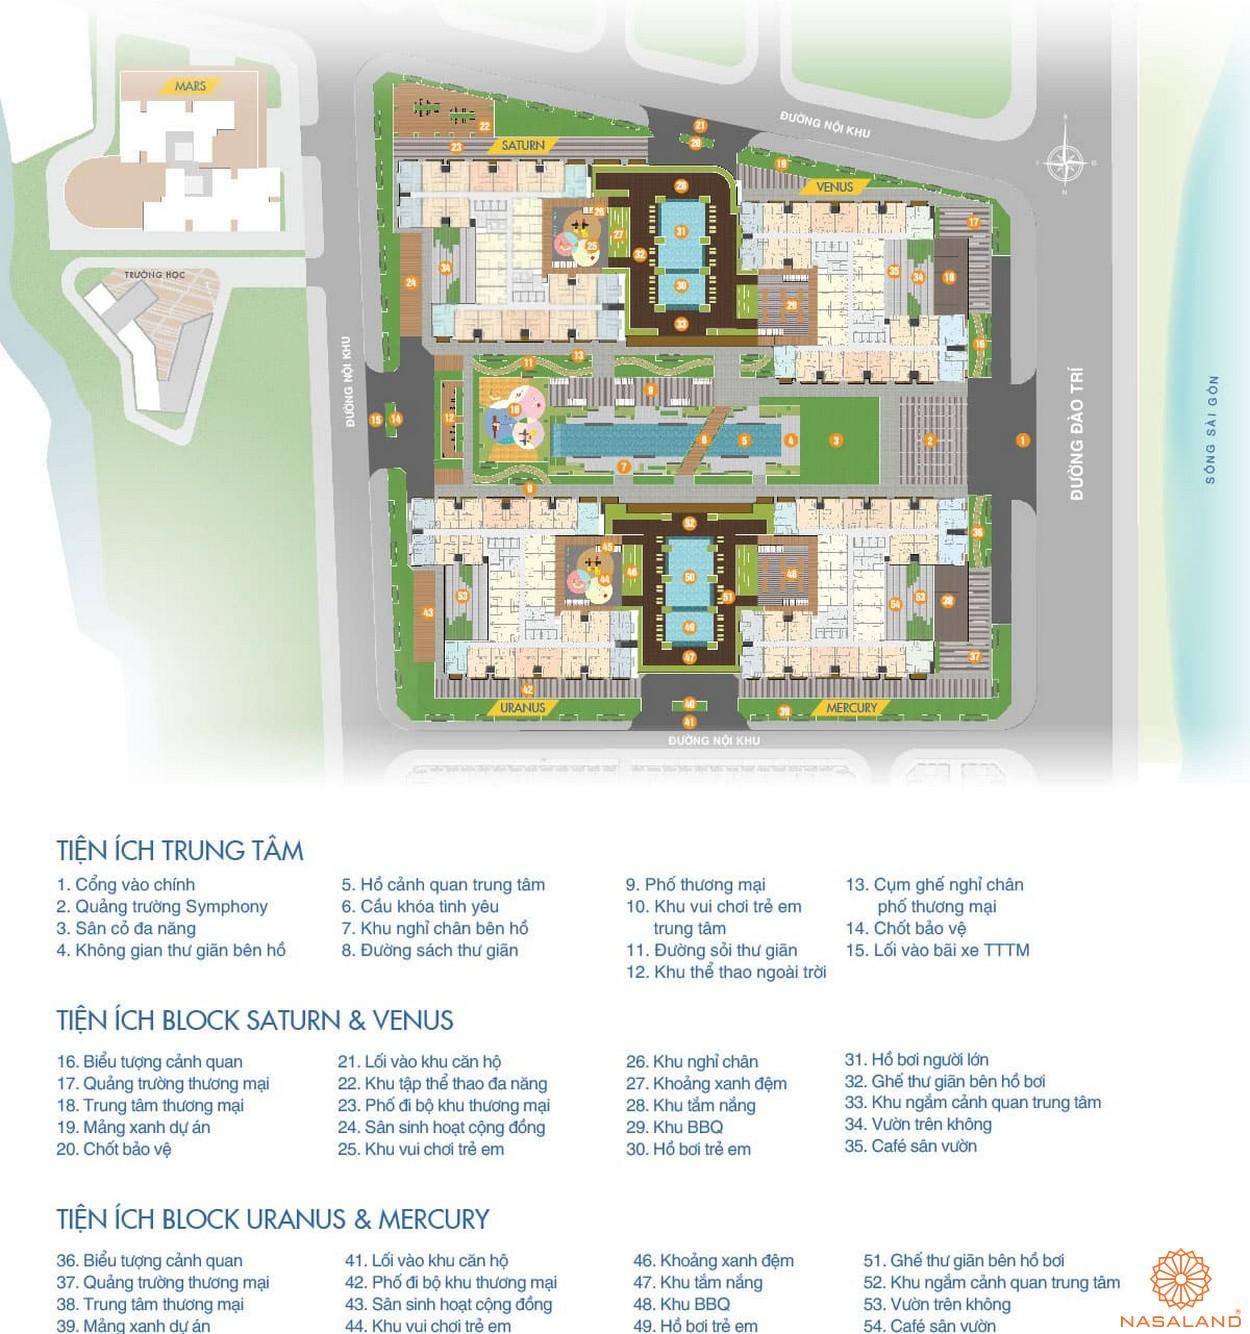 Mặt bằng tiện ích dự án căn hộ Universe Complex Bình Tân